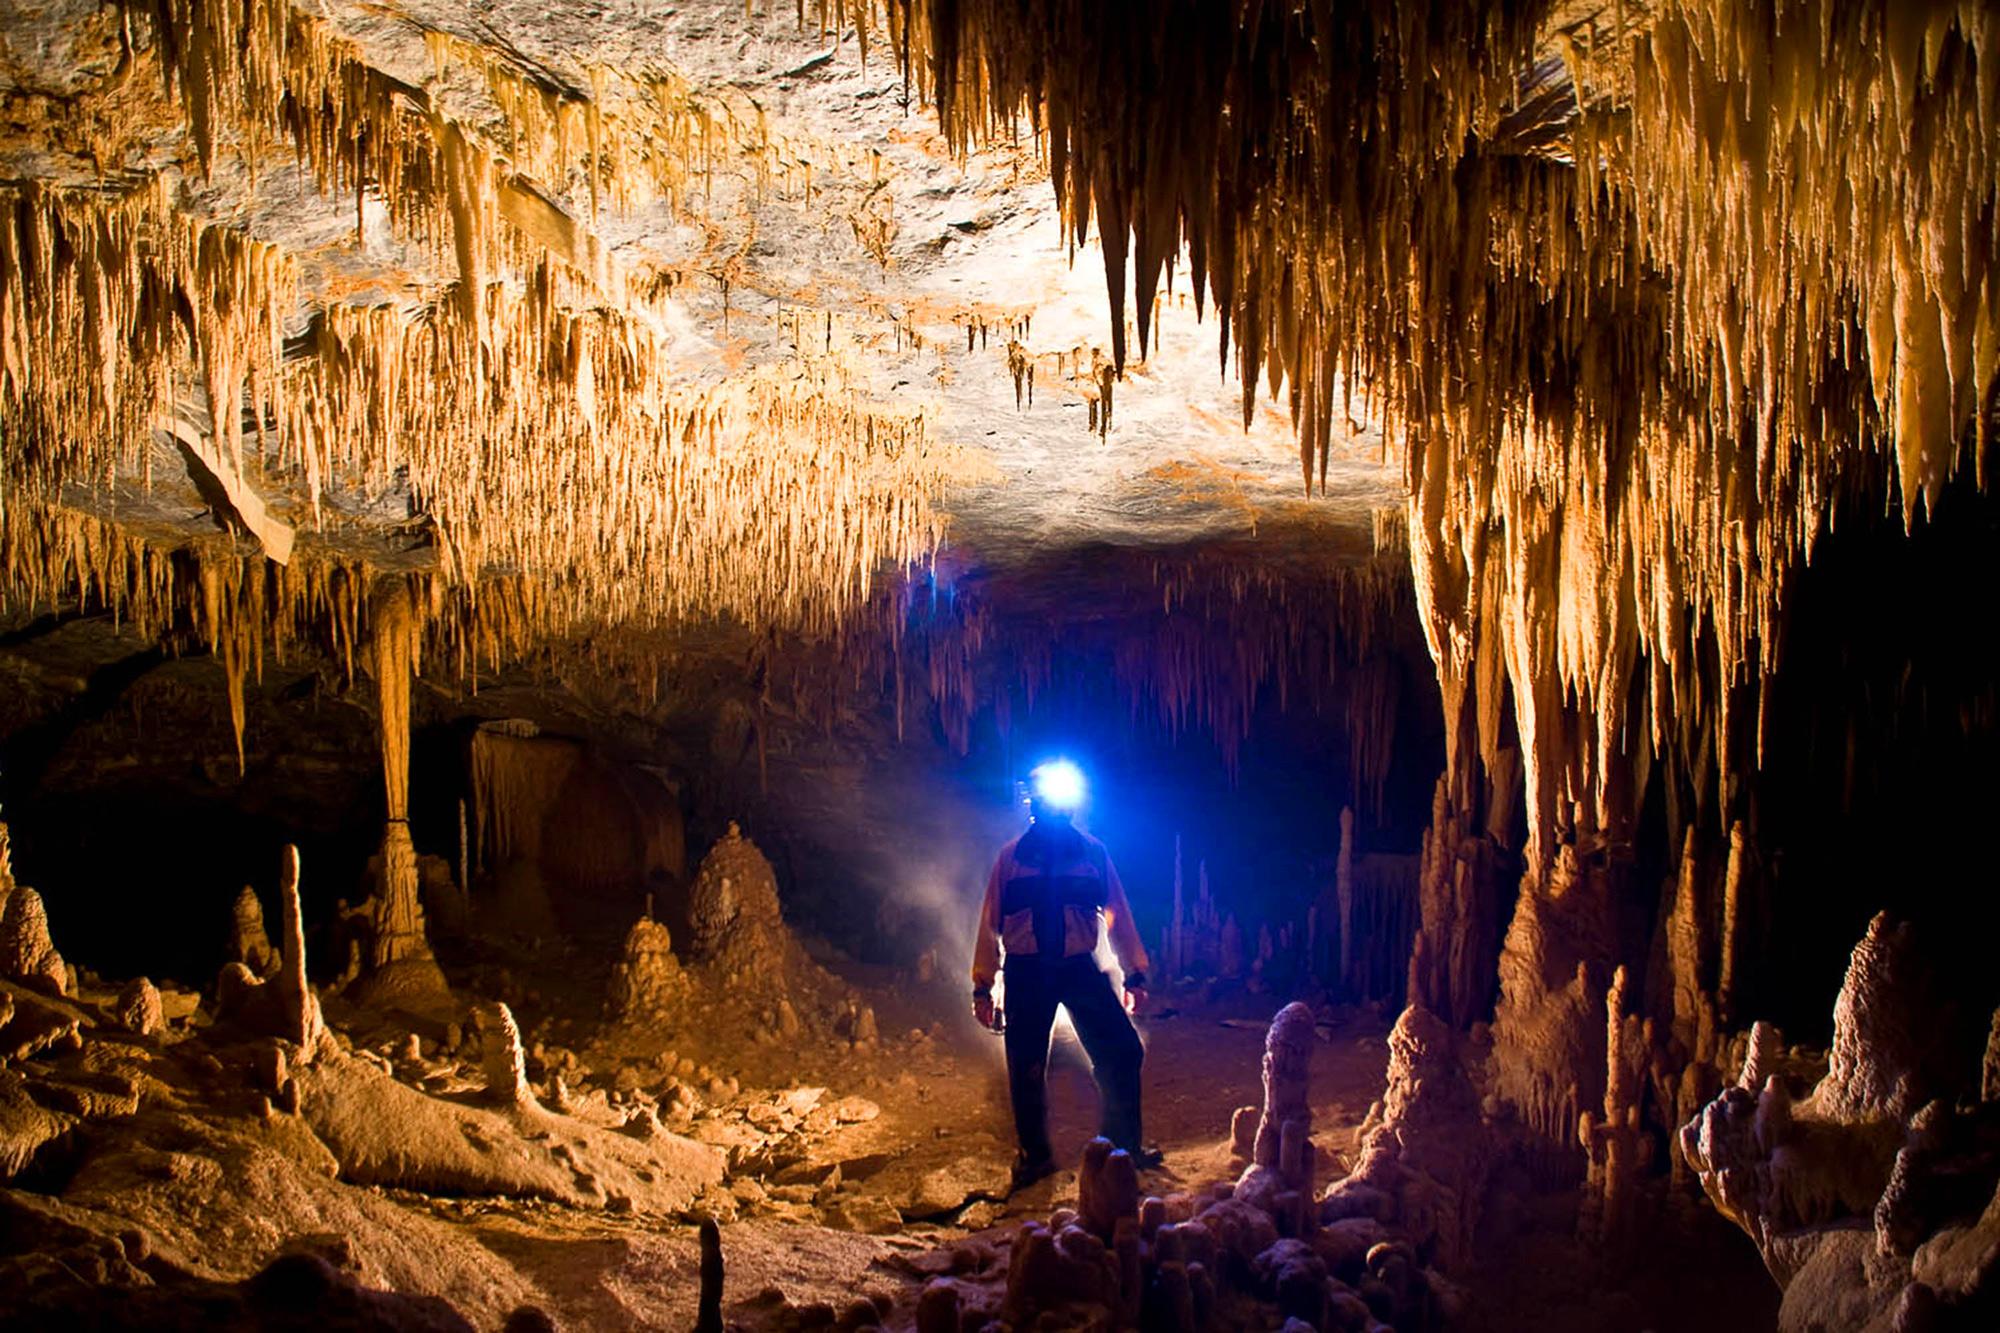 Caverna do Diabo - Eldorado (SP)